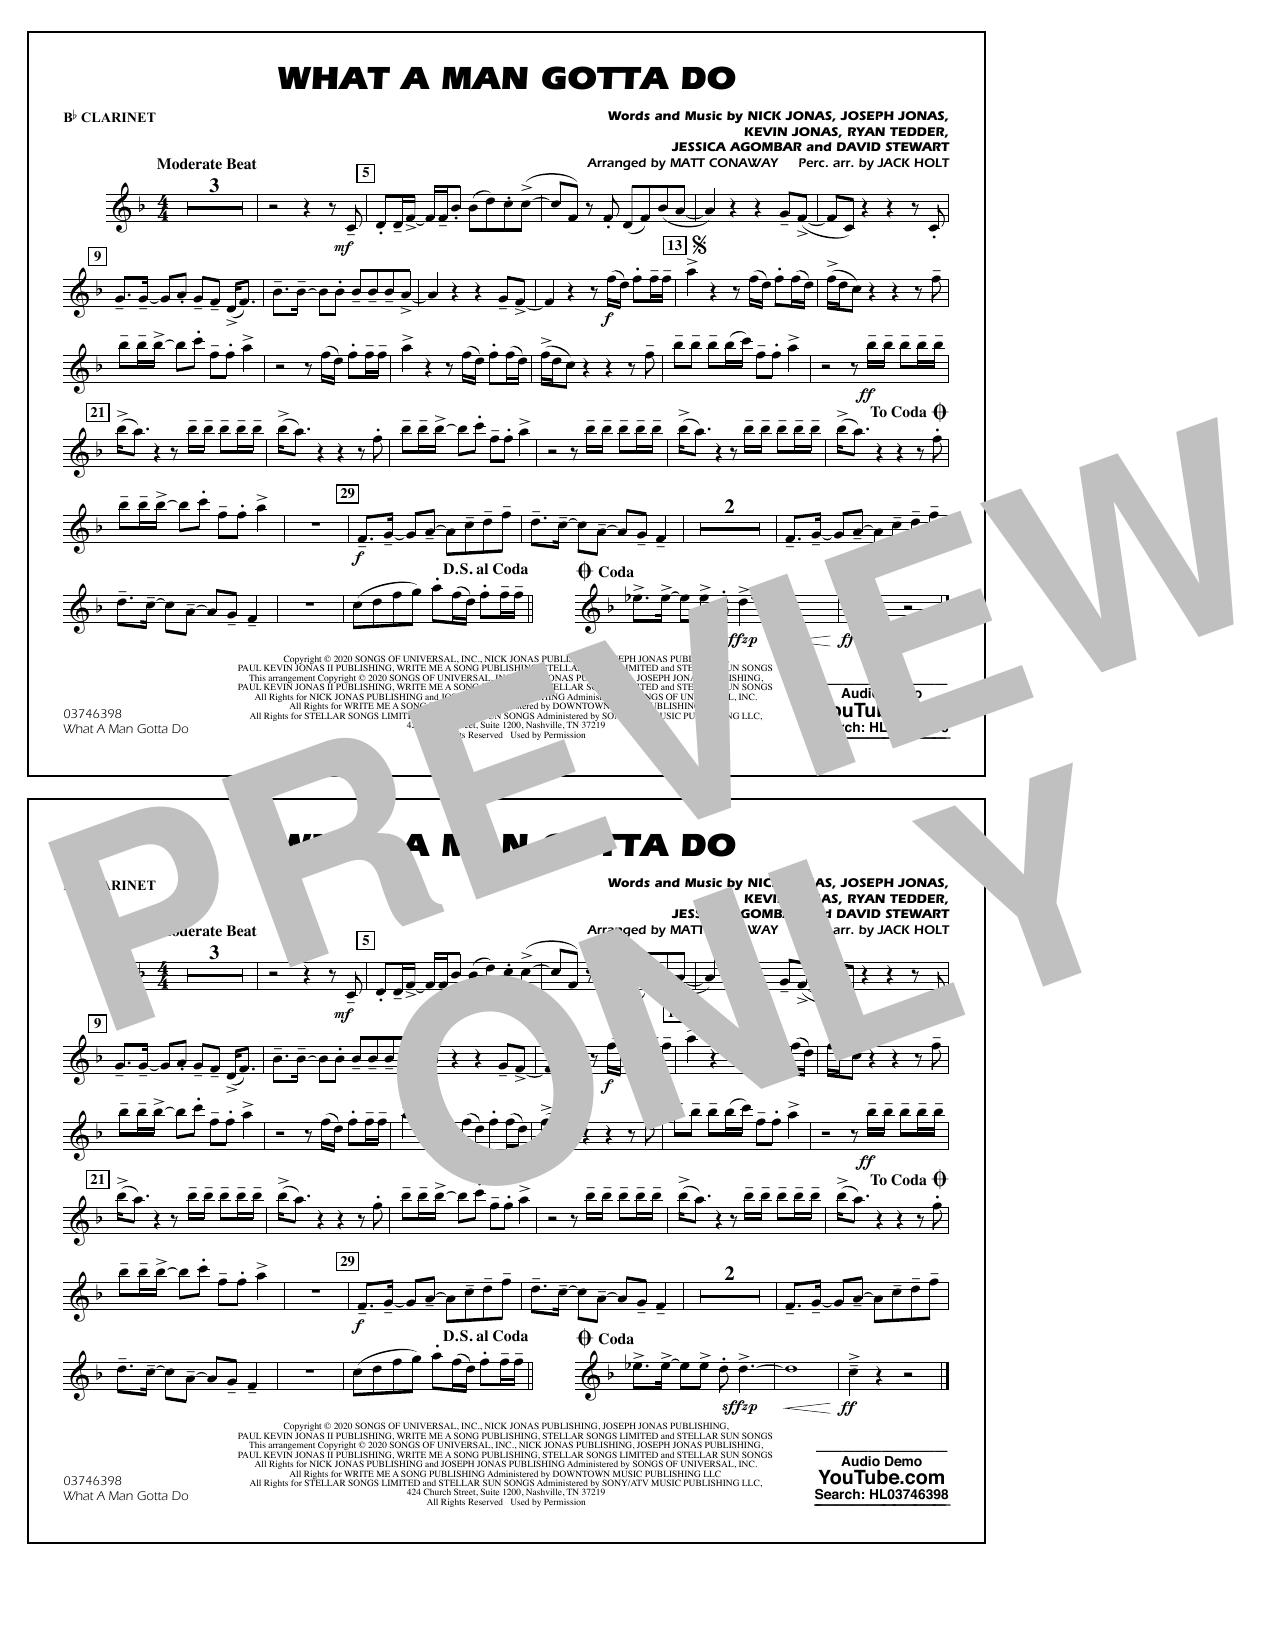 What a Man Gotta Do (arr. Jack Holt and Matt Conaway) - Bb Clarinet Sheet Music